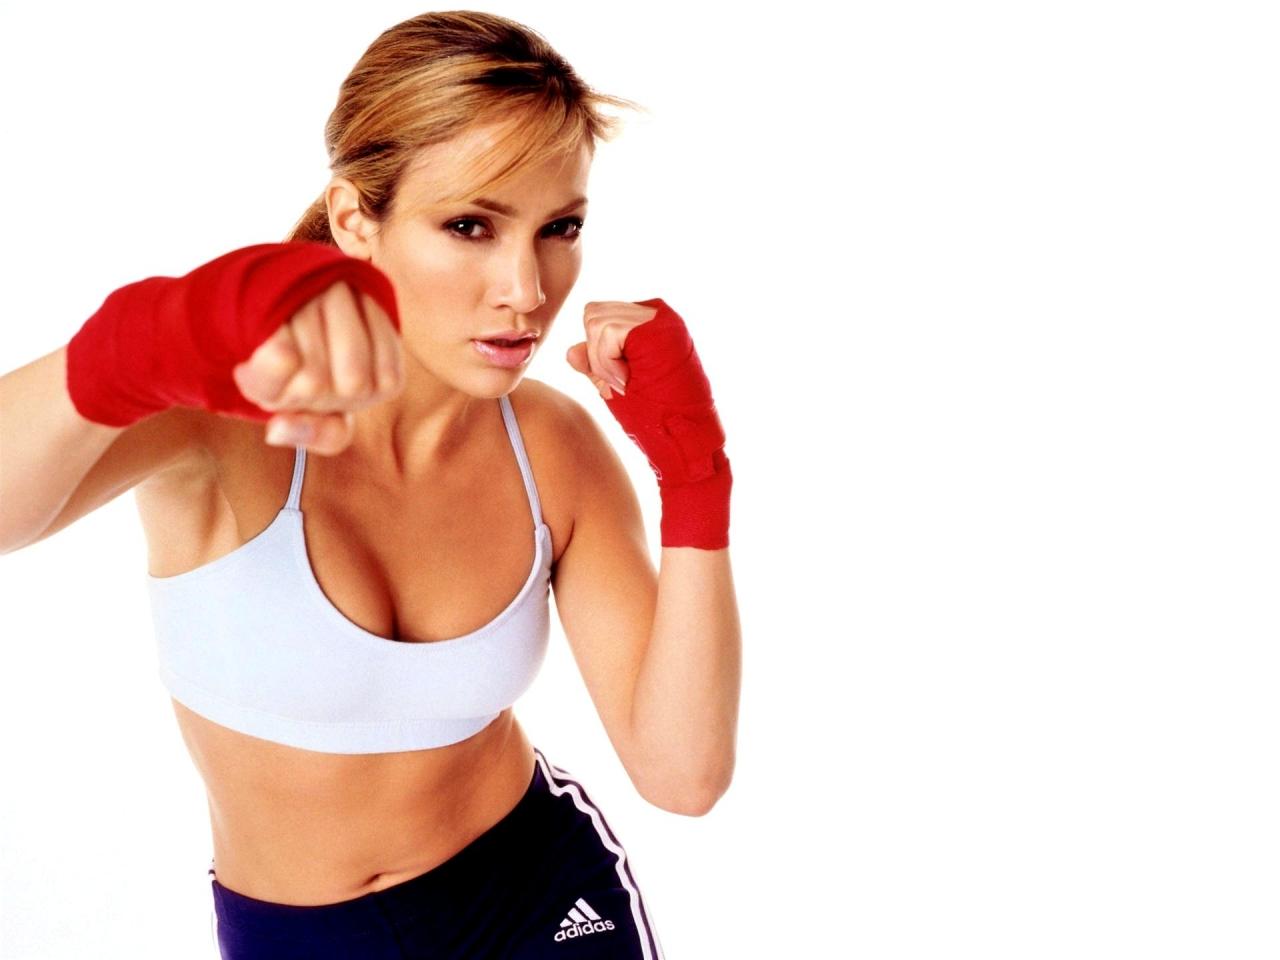 ออกกำลังกายด้วยการชกมวย ช่วยลดน้ำหนักได้จริงหรือ ?